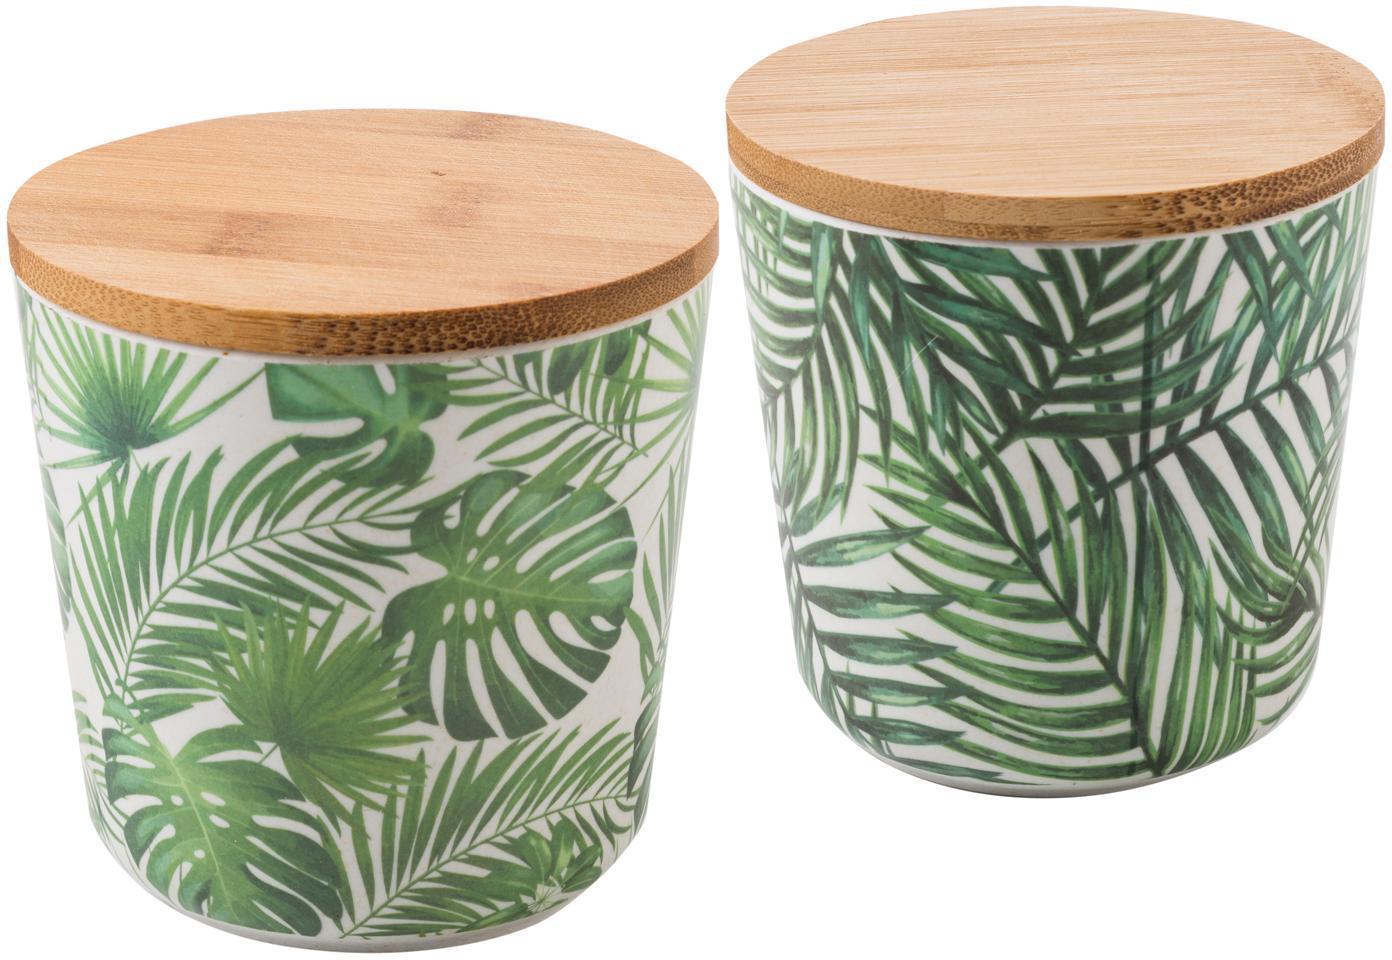 Opbergpottenset Tropical, 2-delig, Deksel: bamboehout, kunststof, Groentinten, wit, Ø 11 x H 11 cm